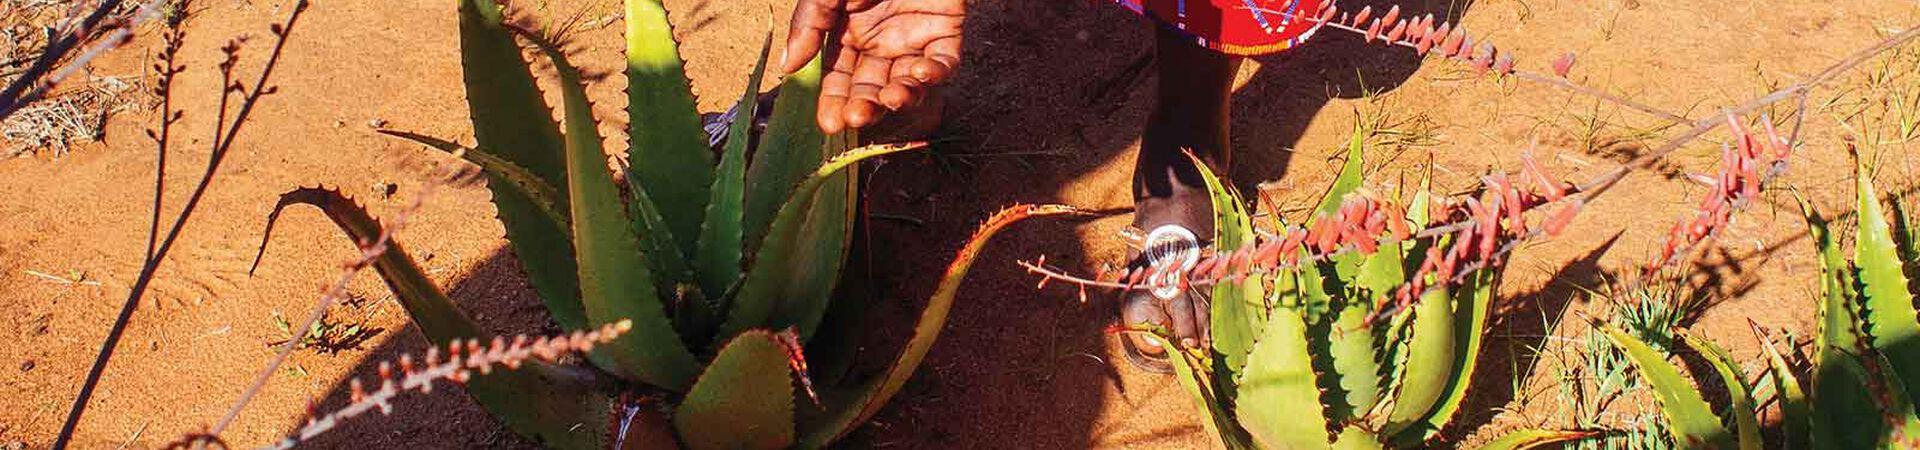 Banner - Fresh Aloe Leaves from Kenya